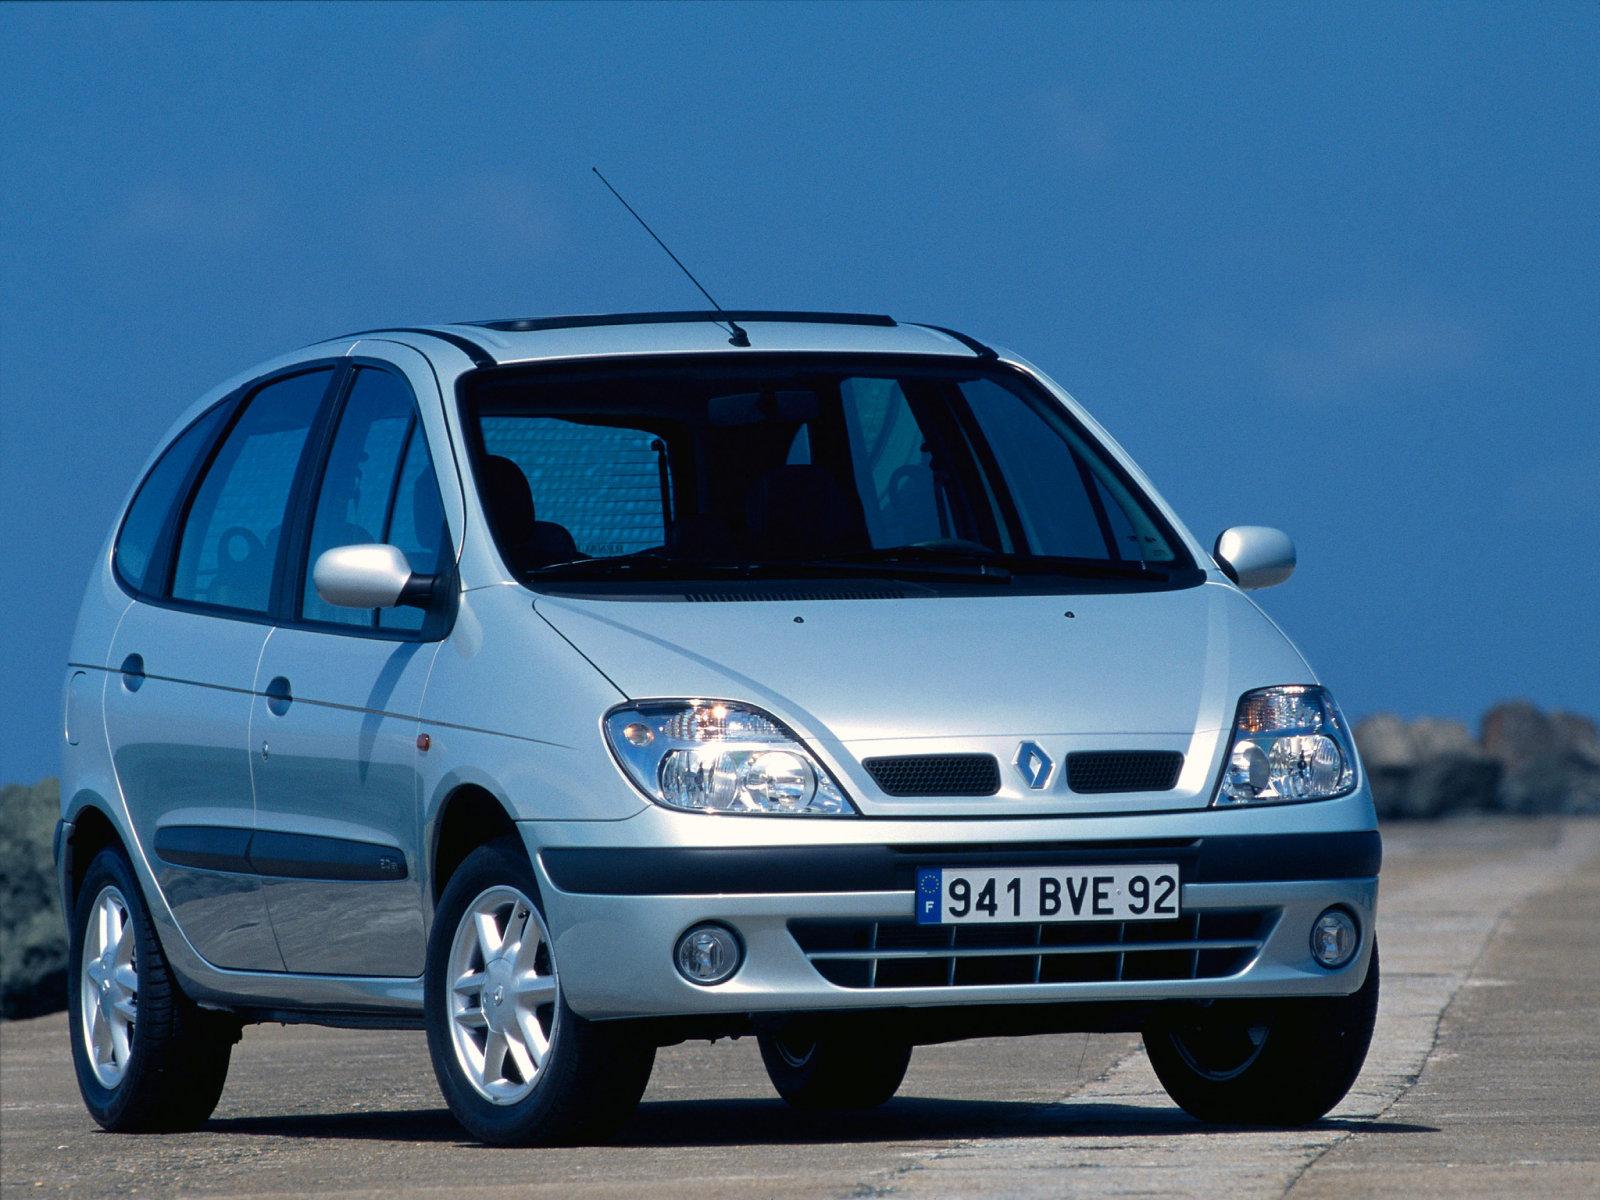 Renault (Рено) Scenic 2001-2003 г.